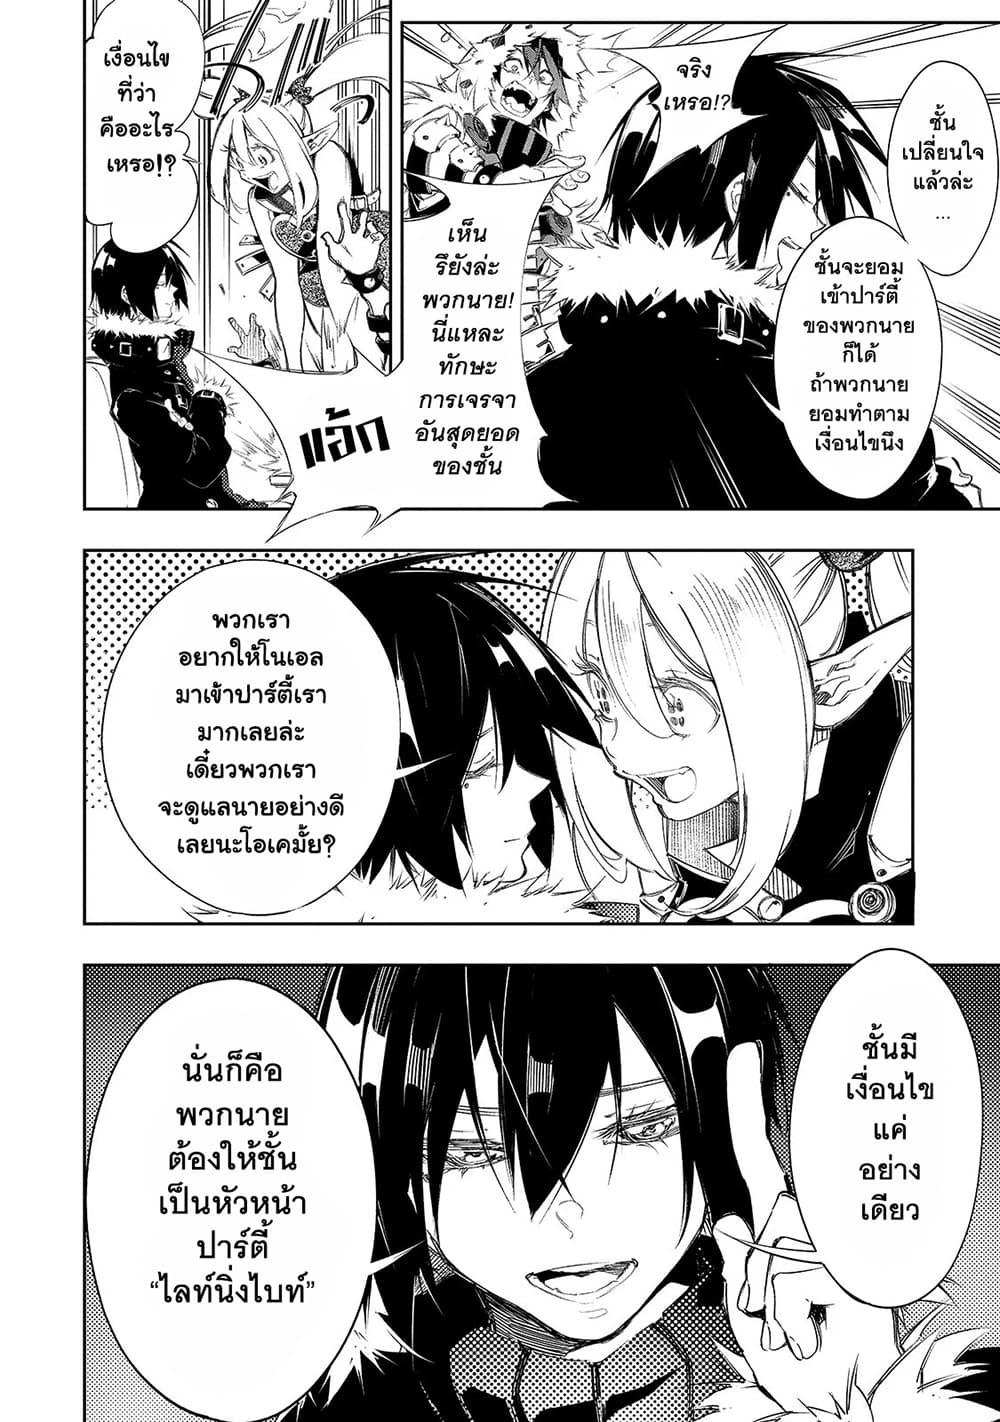 อ่านการ์ตูน Saikyou no Shien-shoku Wajutsushi Dearu Ore wa Sekai Saikyou Kuran o Shitagaeru ตอนที่ 9 หน้าที่ 15